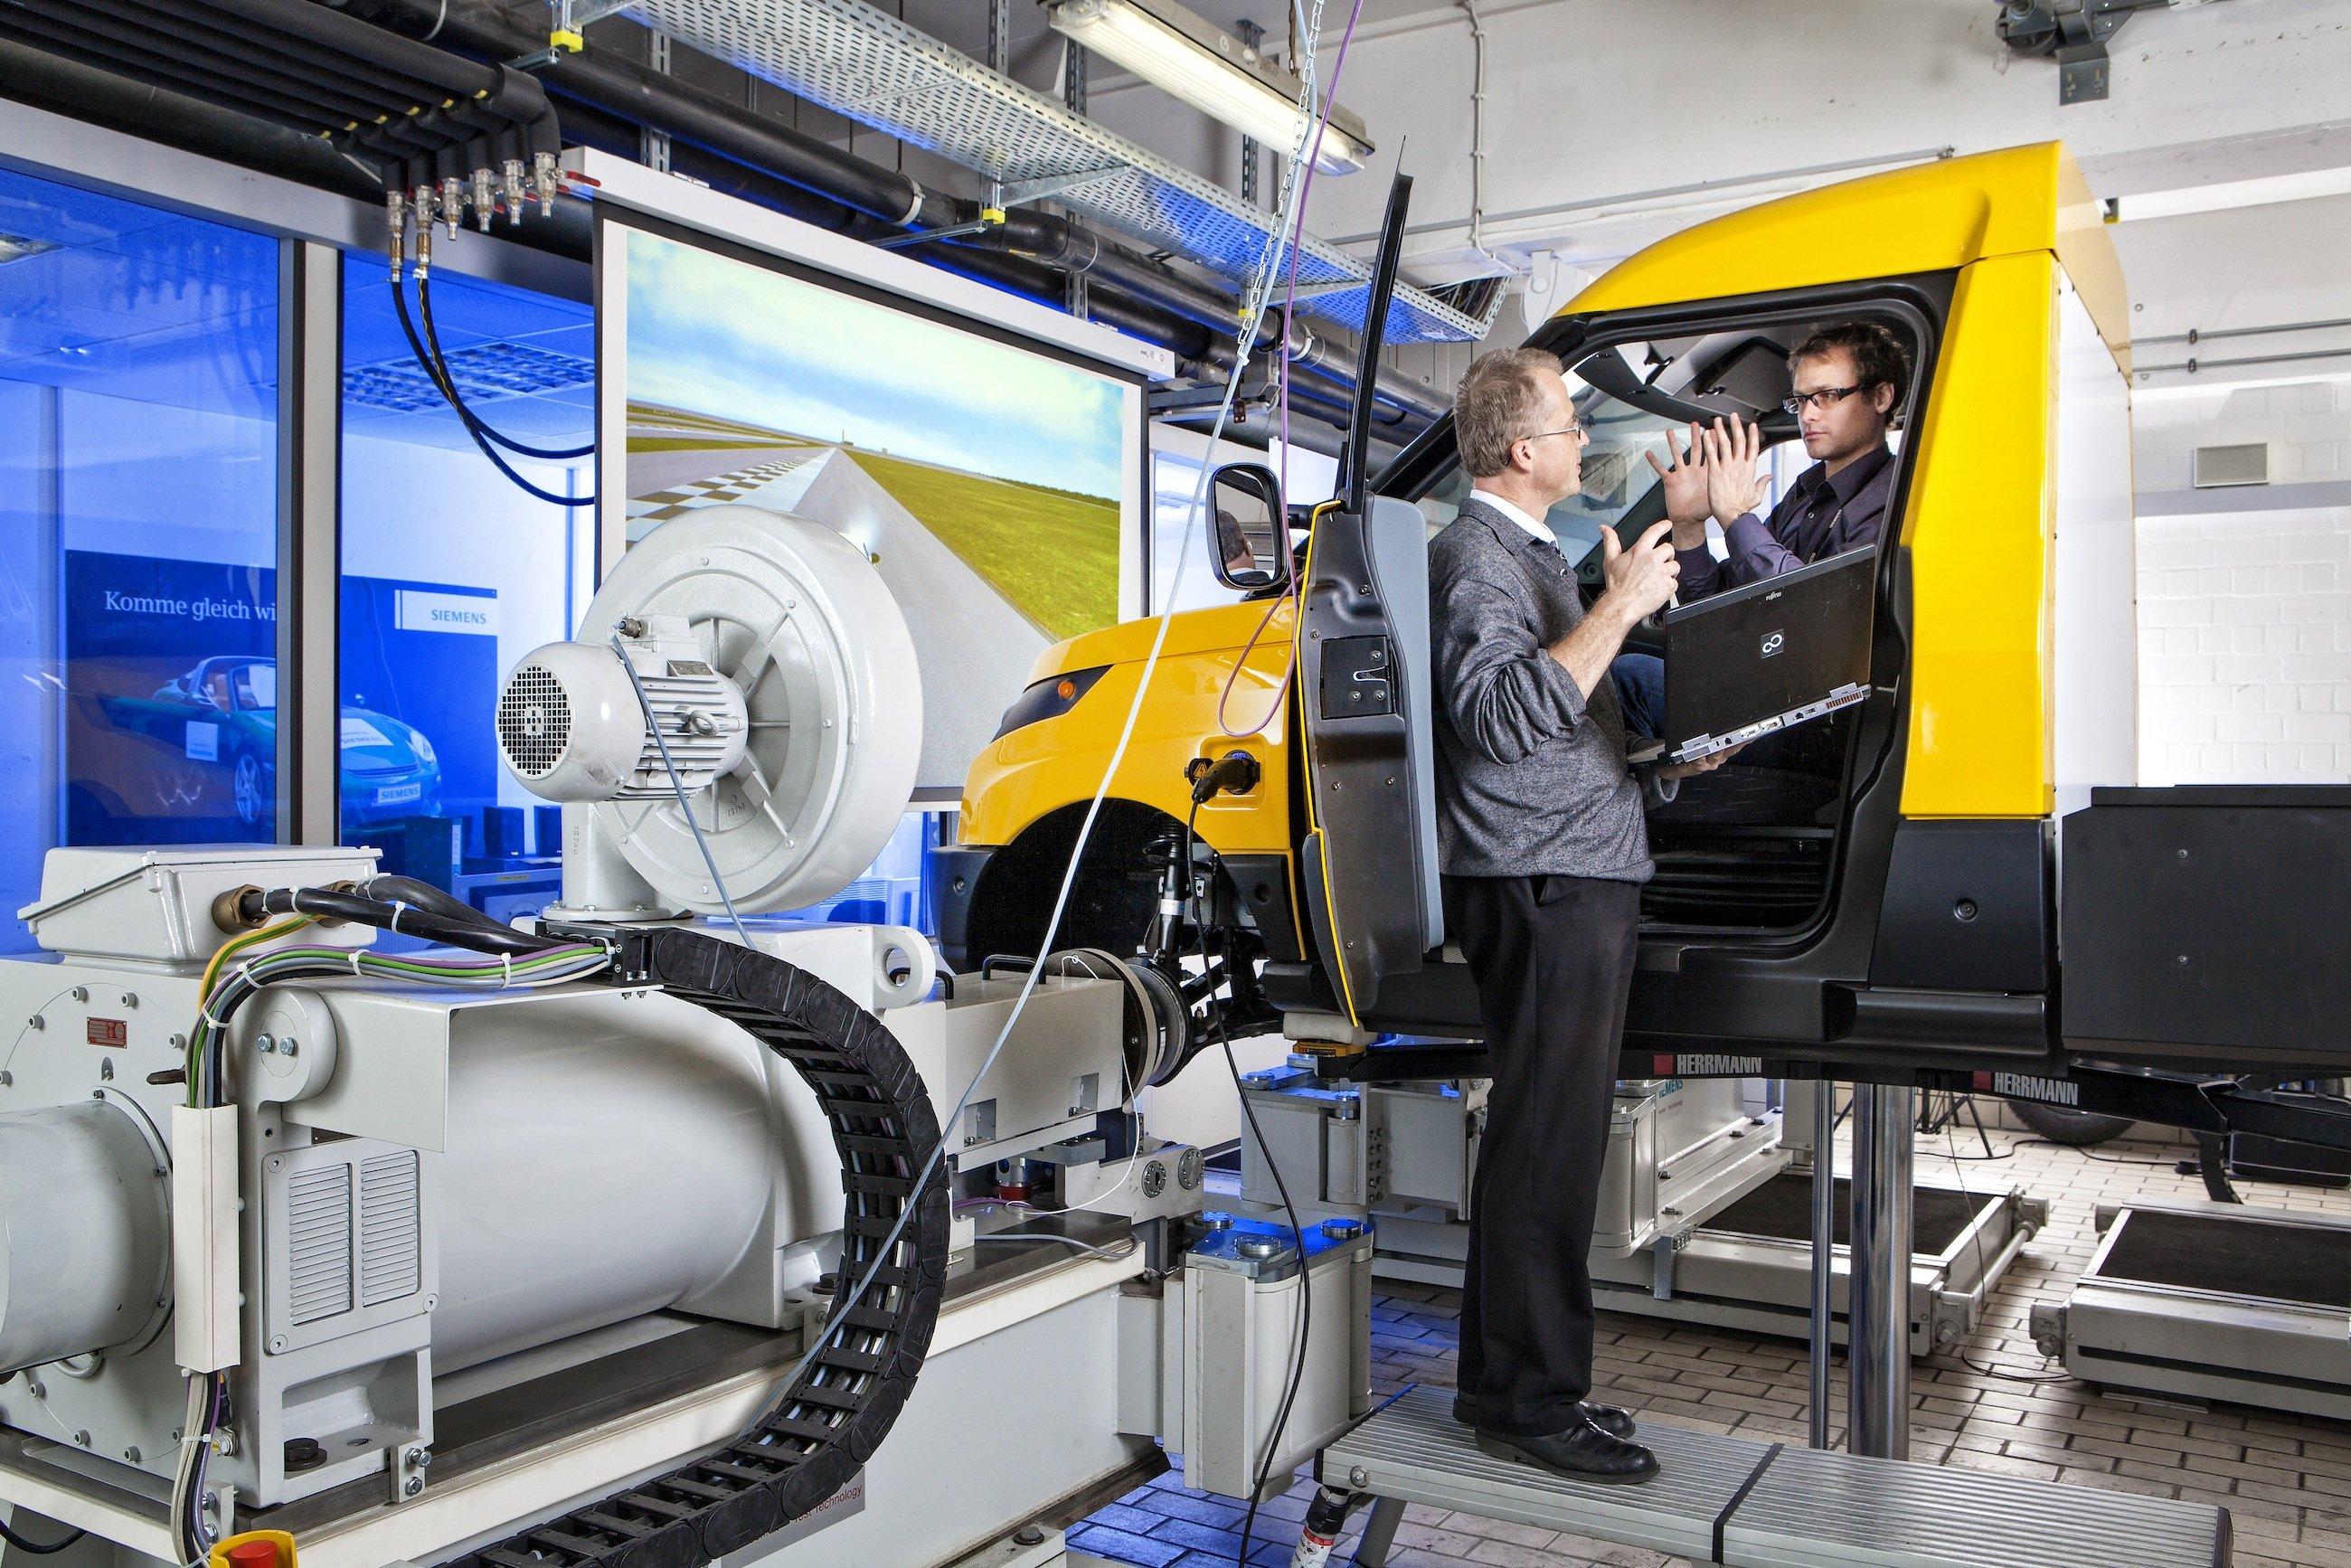 Als erstes Elektroauto hat Siemens einen Post-Transporter mit der neuen Steuerungstechnik RACE ausgestattet.